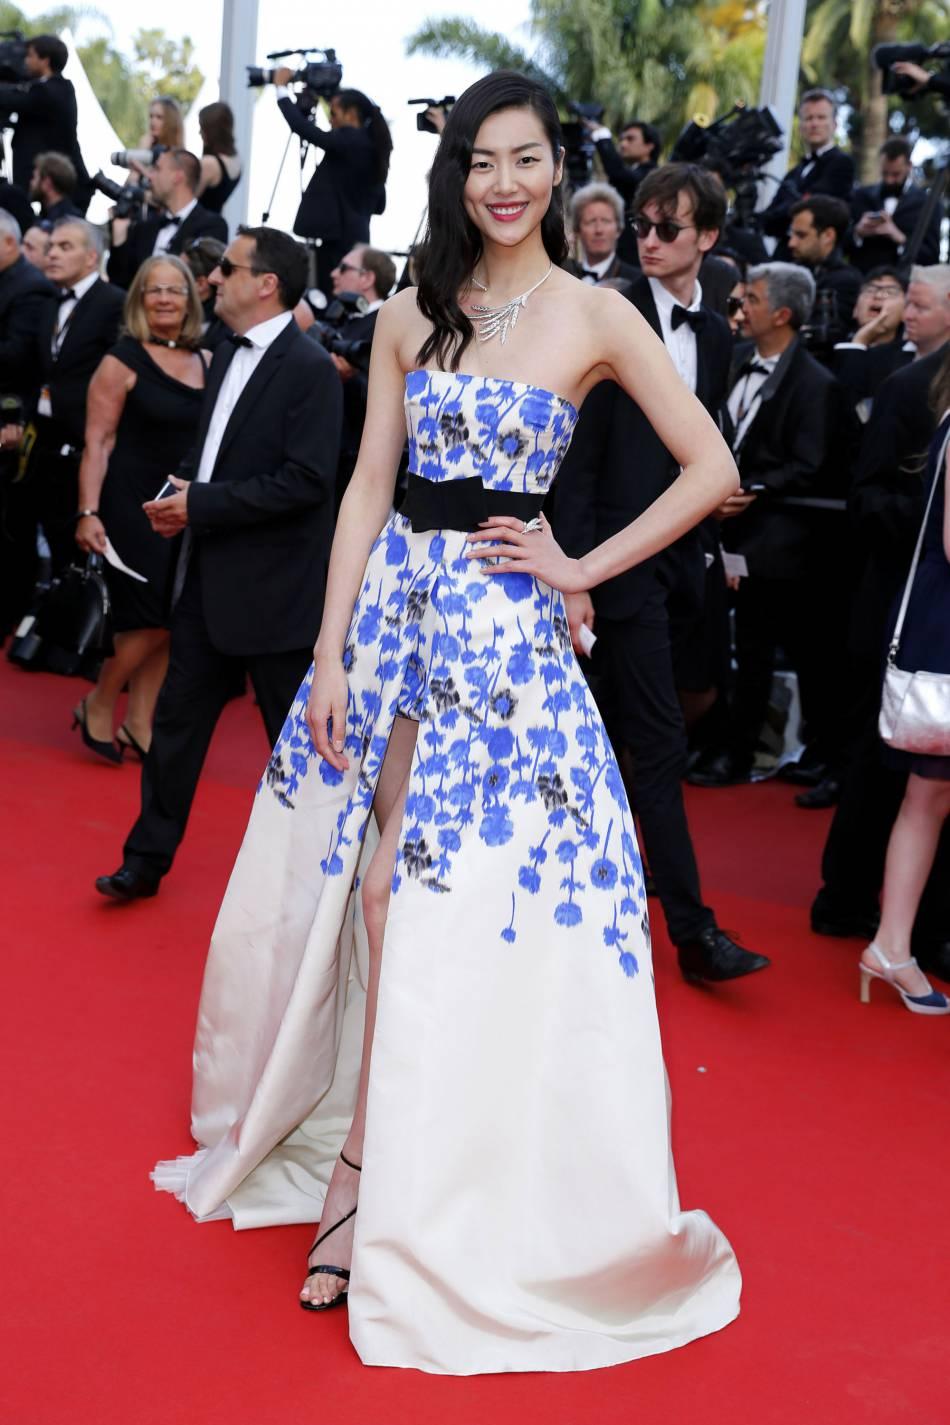 Liu Wen en Giambattista Valli, escarpins Gianvito Rossi et bijoux Boucheron à Cannes 2016.